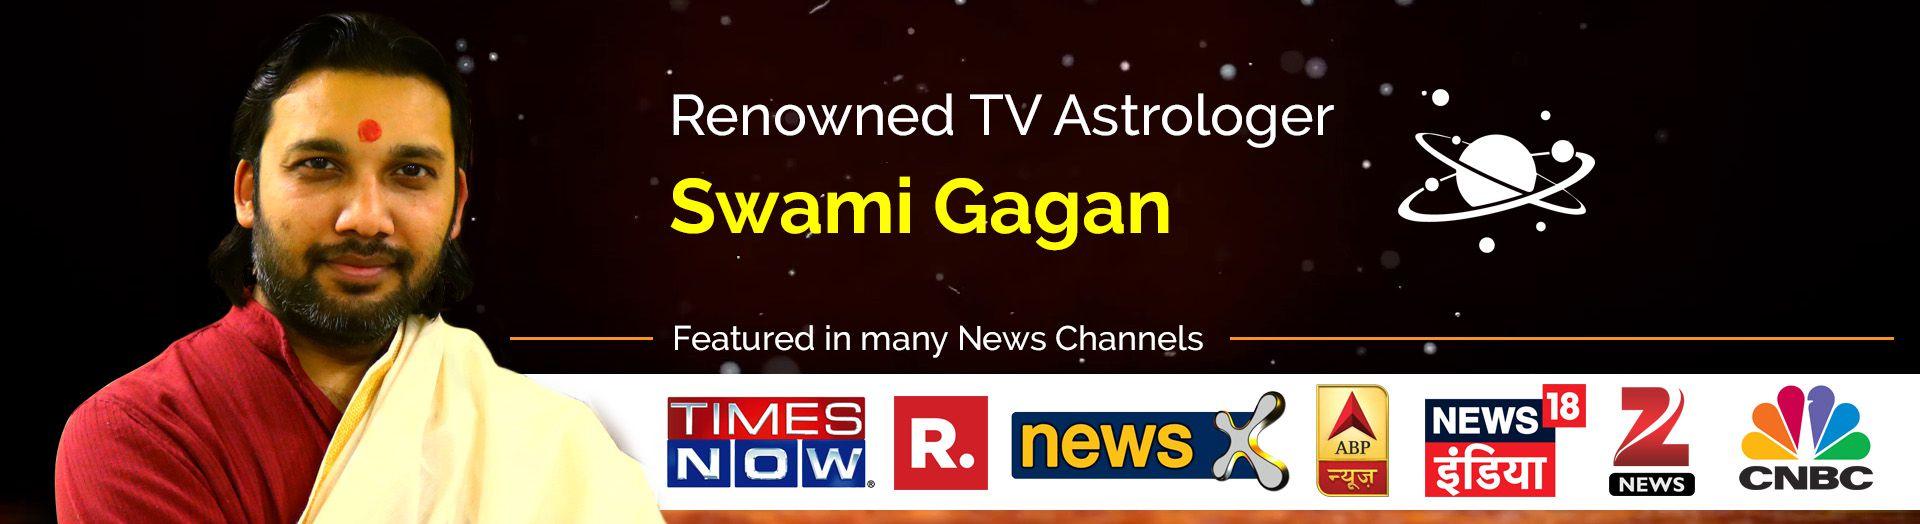 Swami Gagan Banner 3